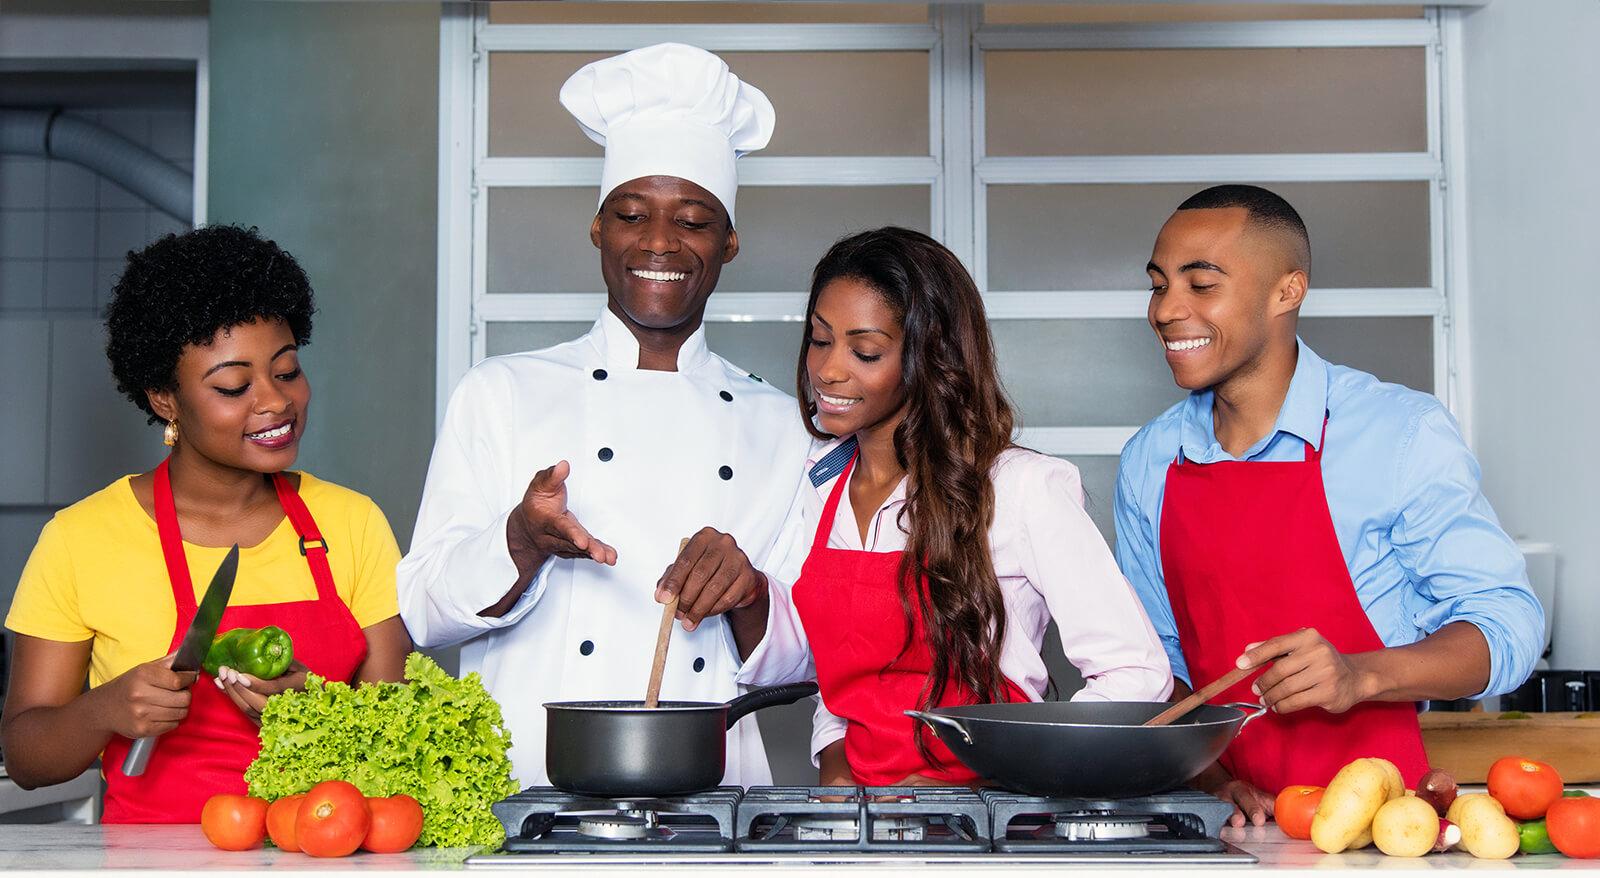 ChefMainEdited.jpg